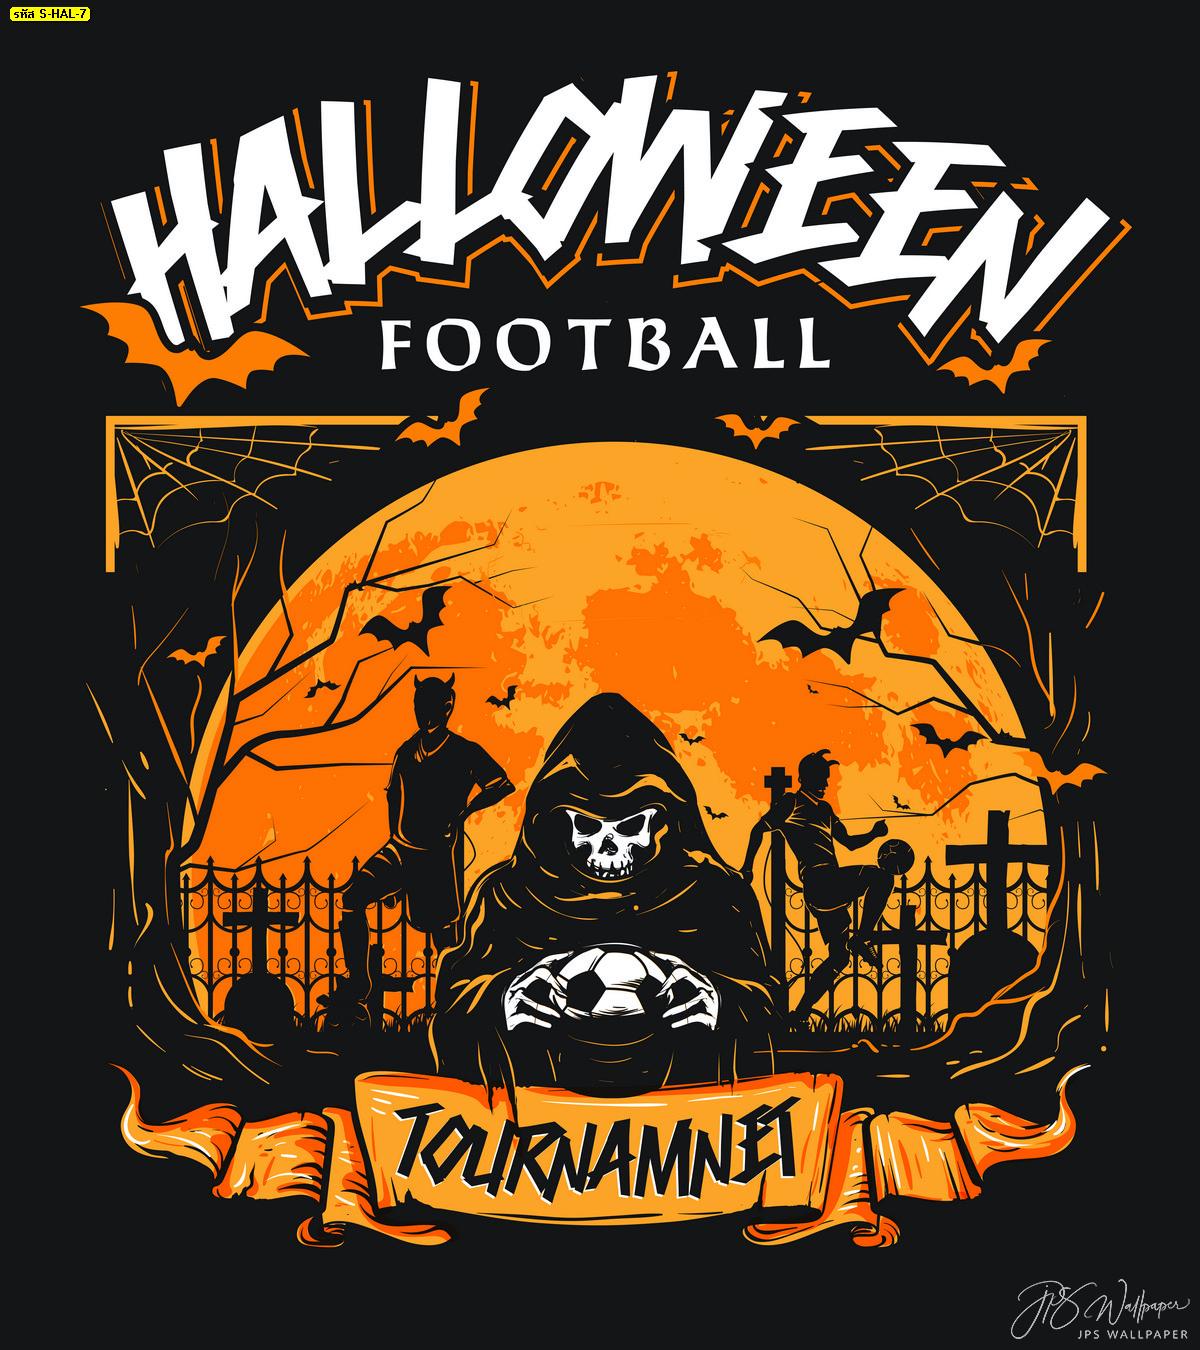 ฟุตบอลฮาโลวีน วอลเปเปอร์ฟุตบอลฮาโลวีน ปาร์ตี้ฮาโลวีนฟุตบอล halloween football